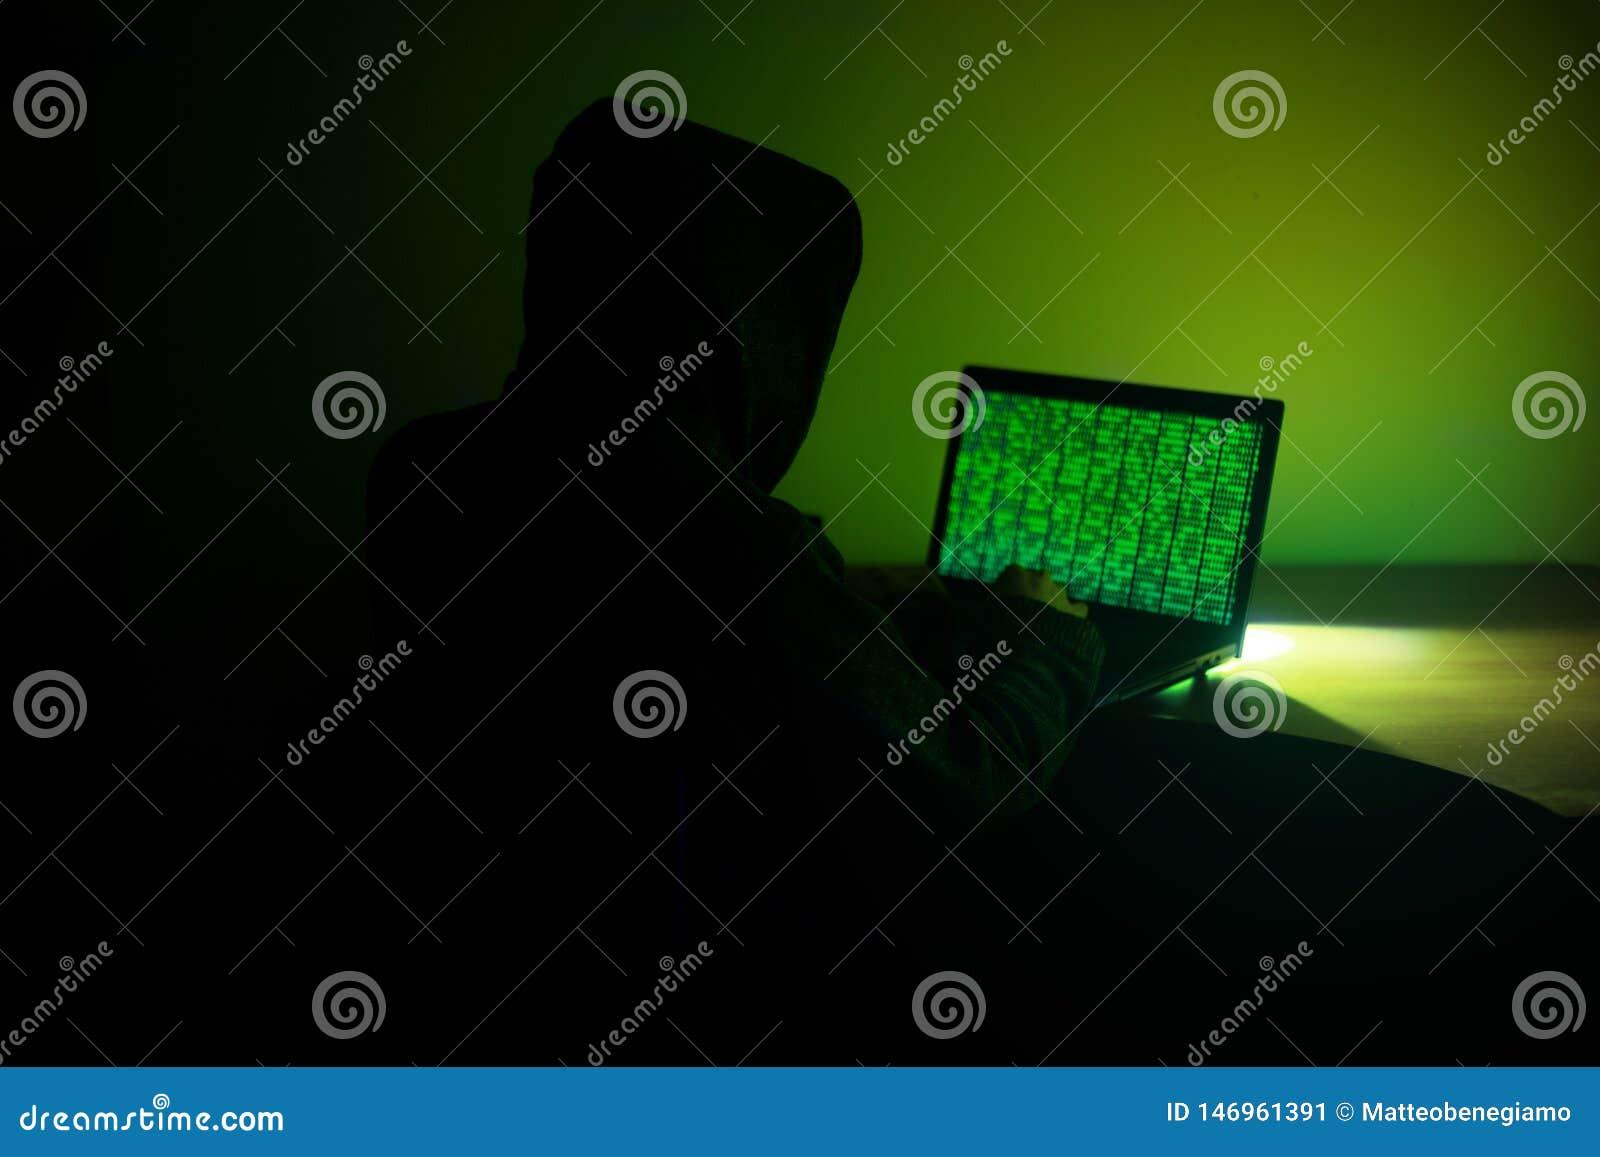 戴头巾黑客为乱砍服务器使用他的计算机